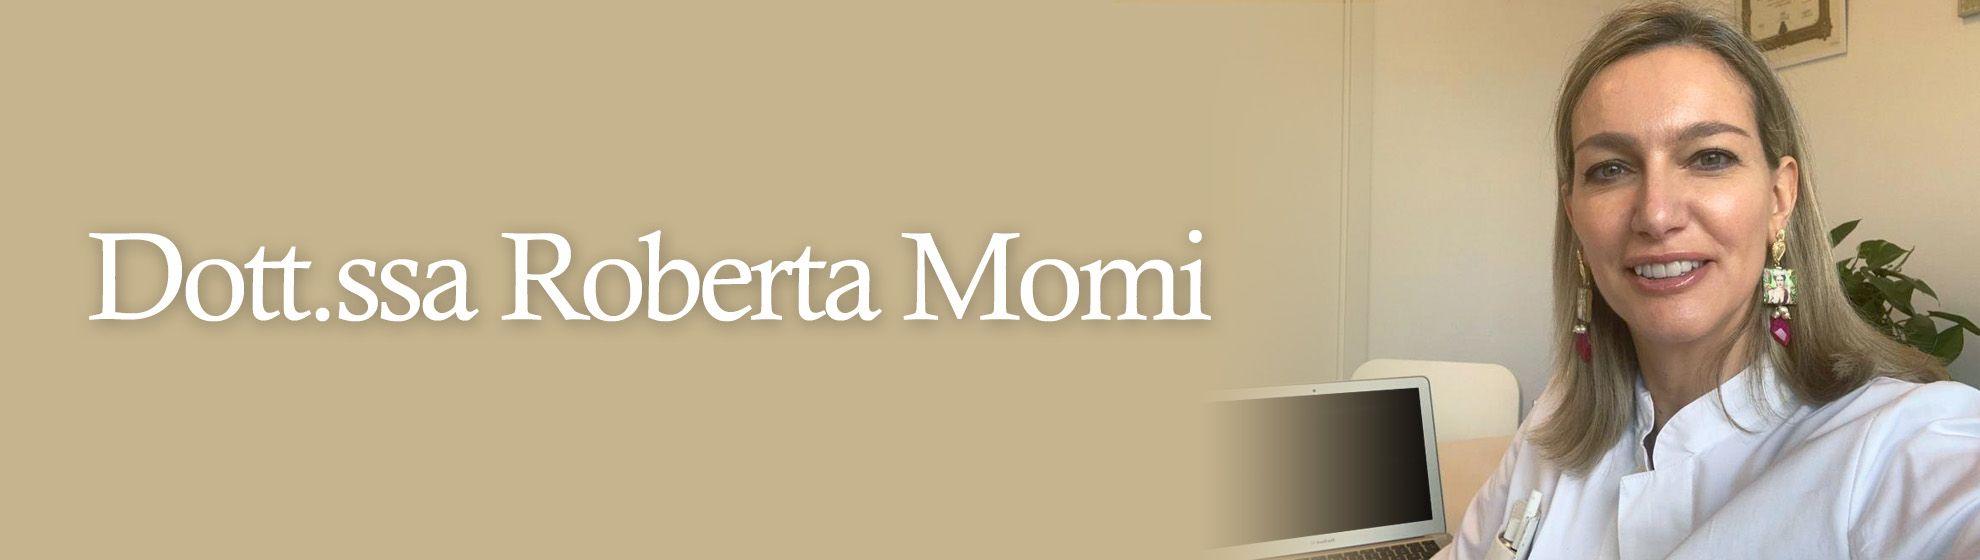 Dott.ssa Roberta Momi